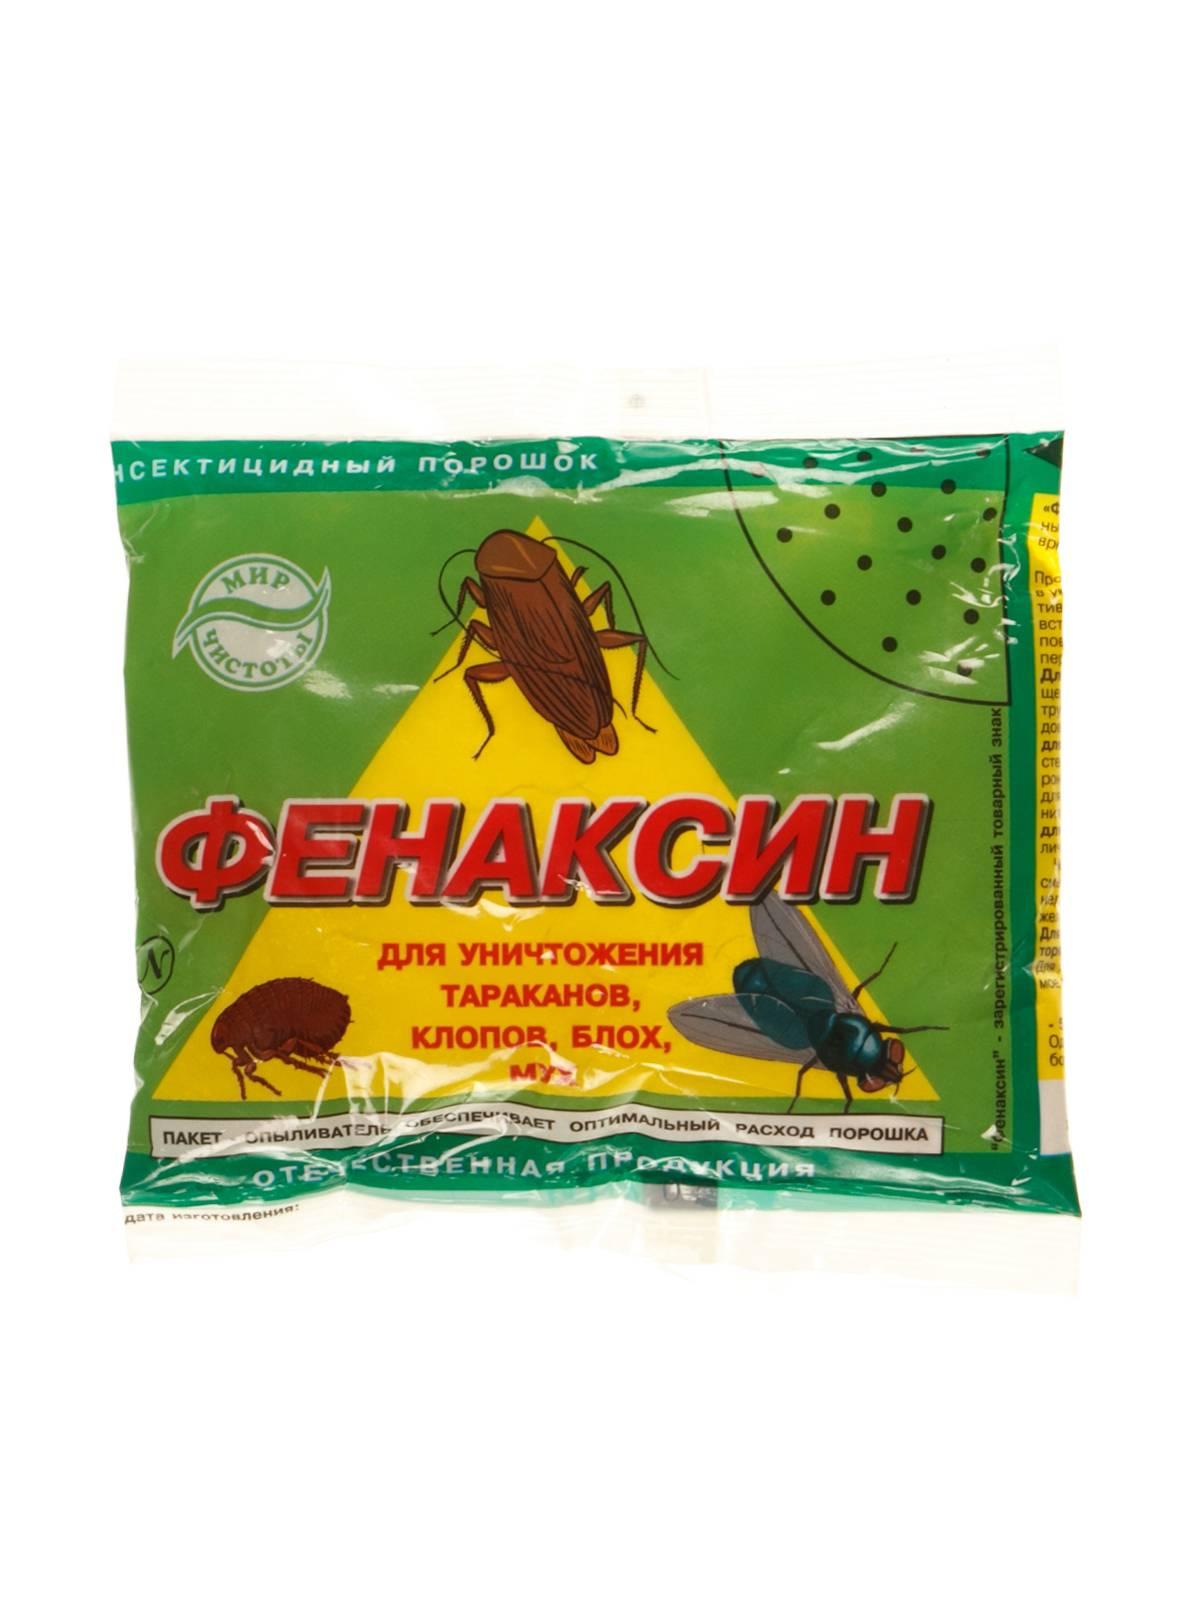 ❶ фенаксин от клопов: эффективность препарата по отзывам покупателей и инструкция по применению инсектицида, как его разводить и наносить